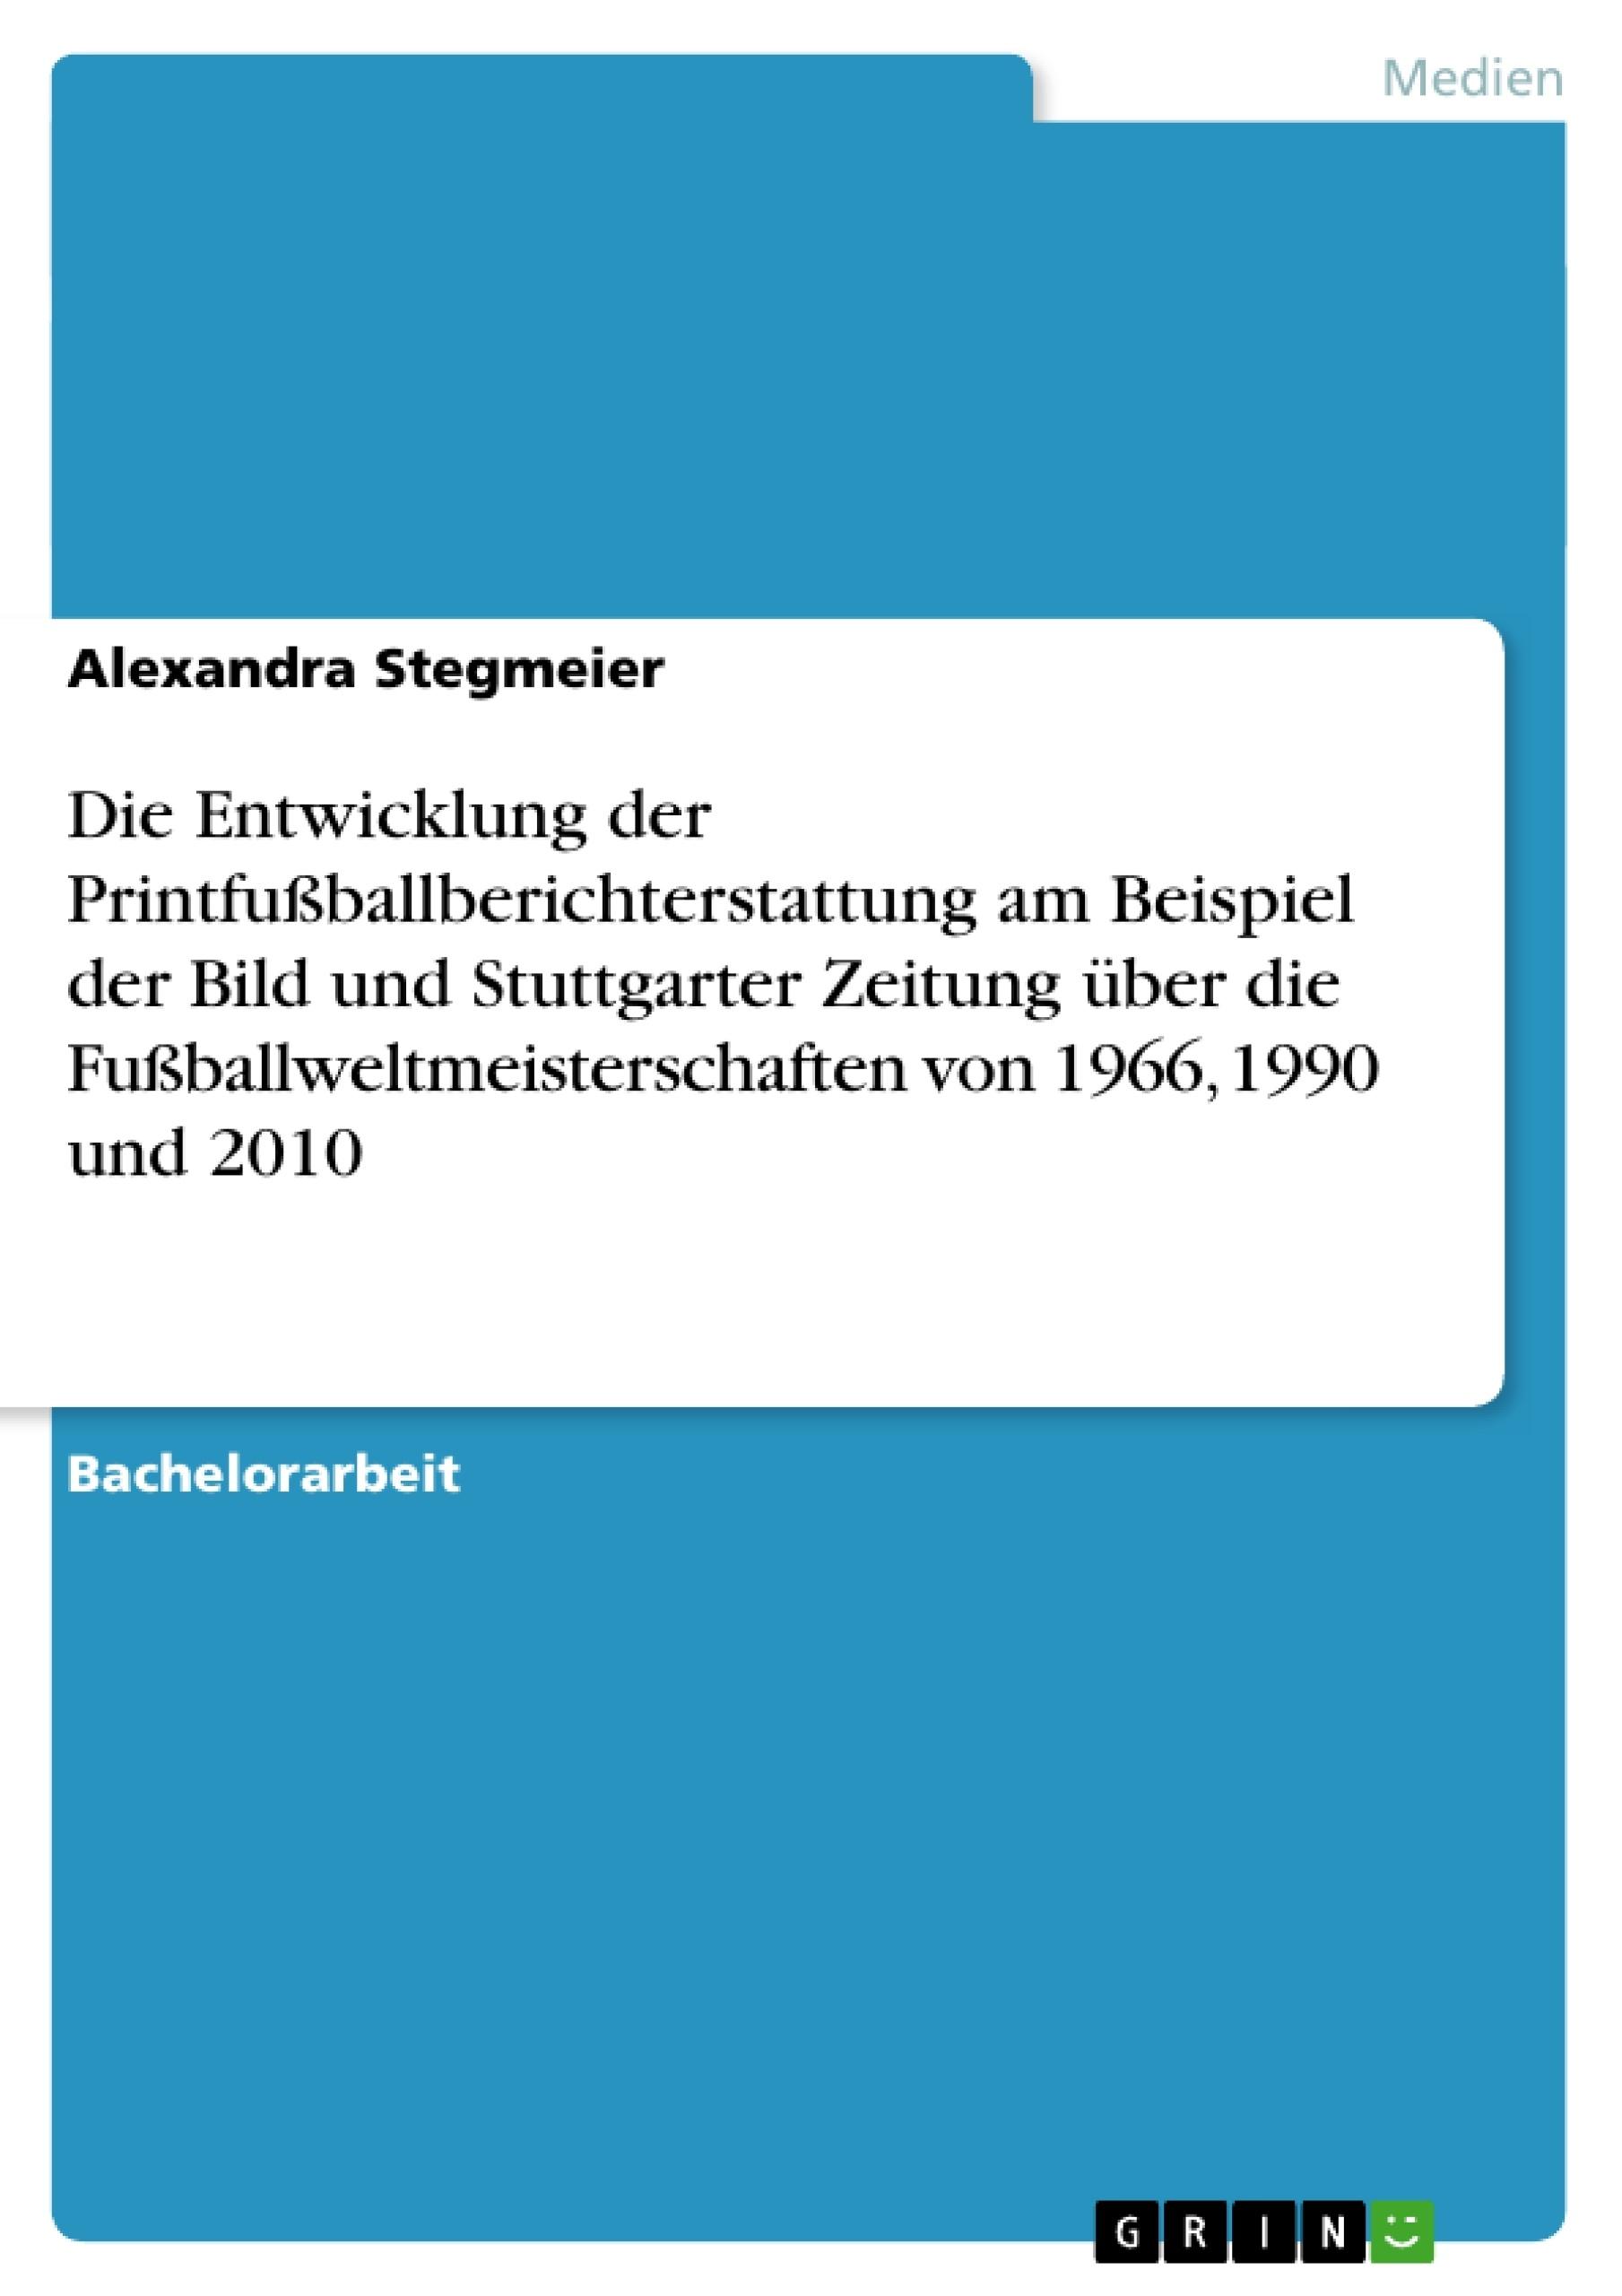 Titel: Die Entwicklung der Printfußballberichterstattung am Beispiel der Bild und Stuttgarter Zeitung über die Fußballweltmeisterschaften von 1966, 1990 und 2010